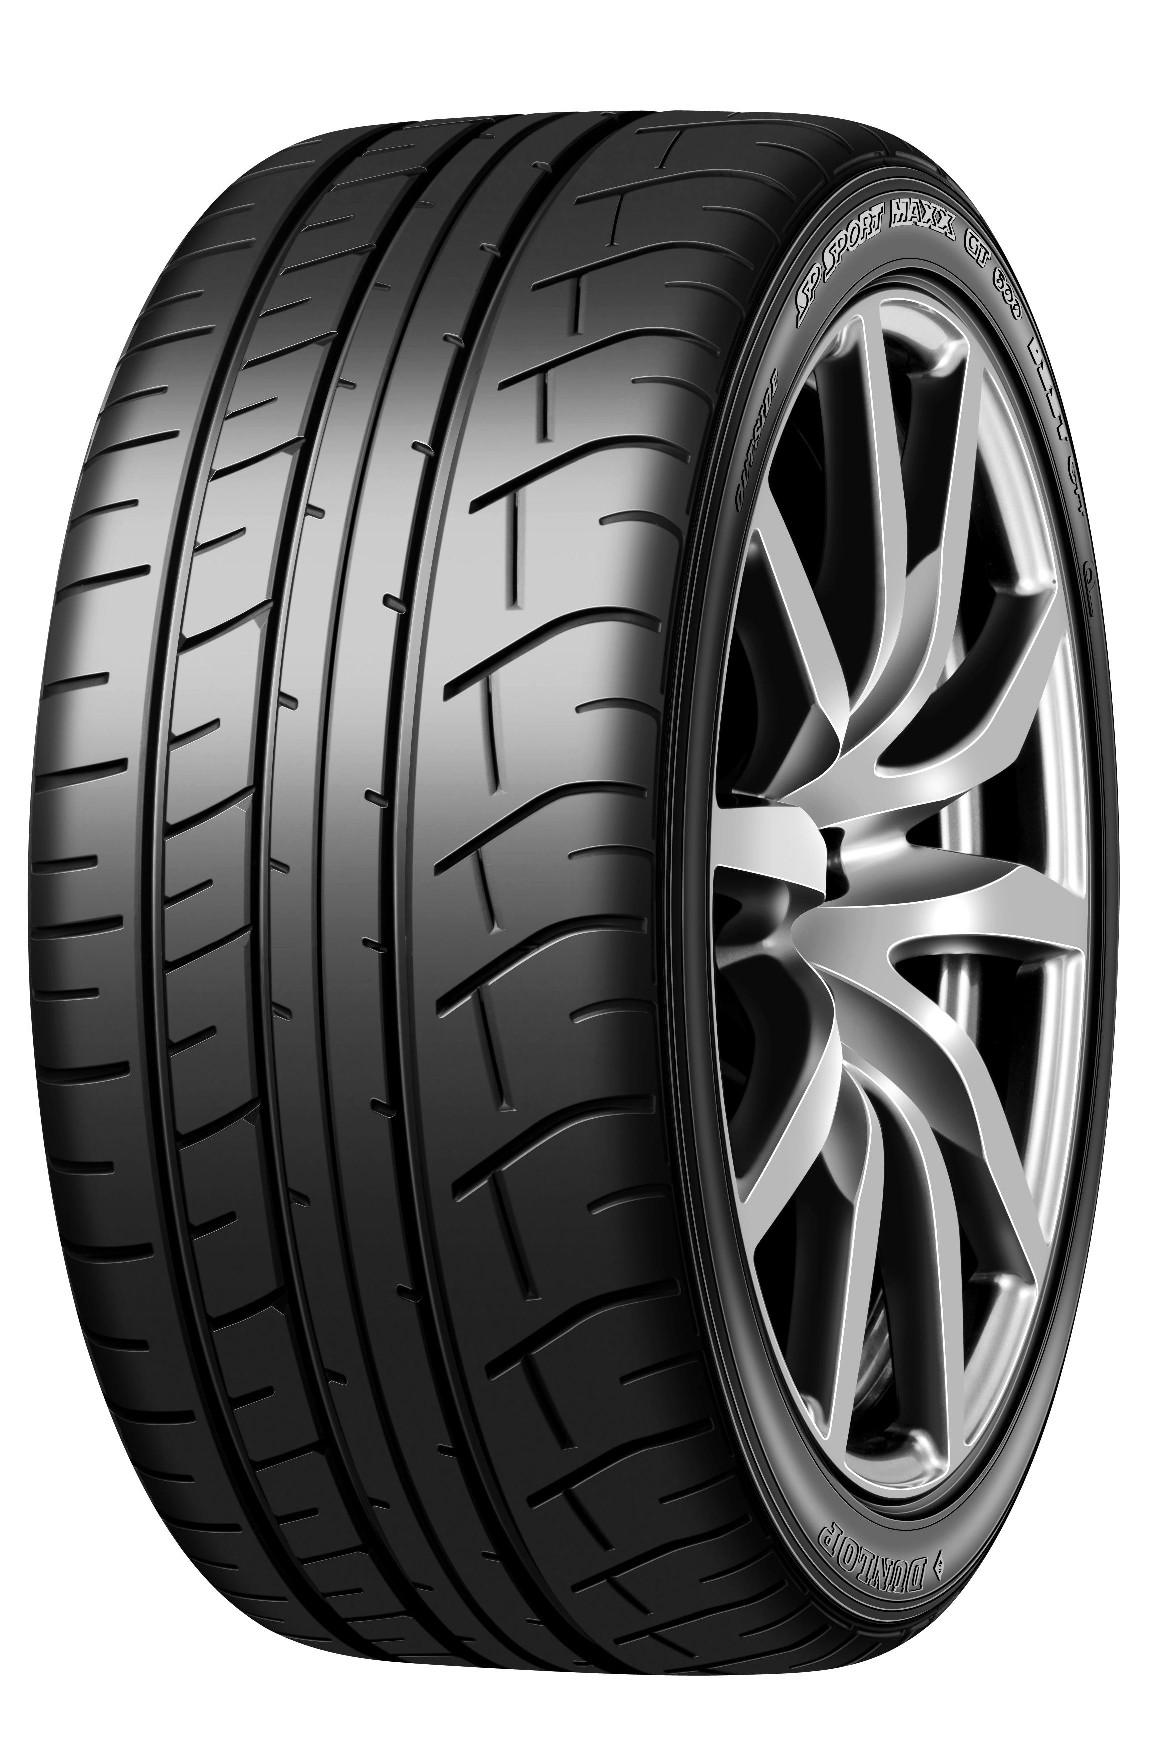 Dunlop / SP Sport Maxx GT600